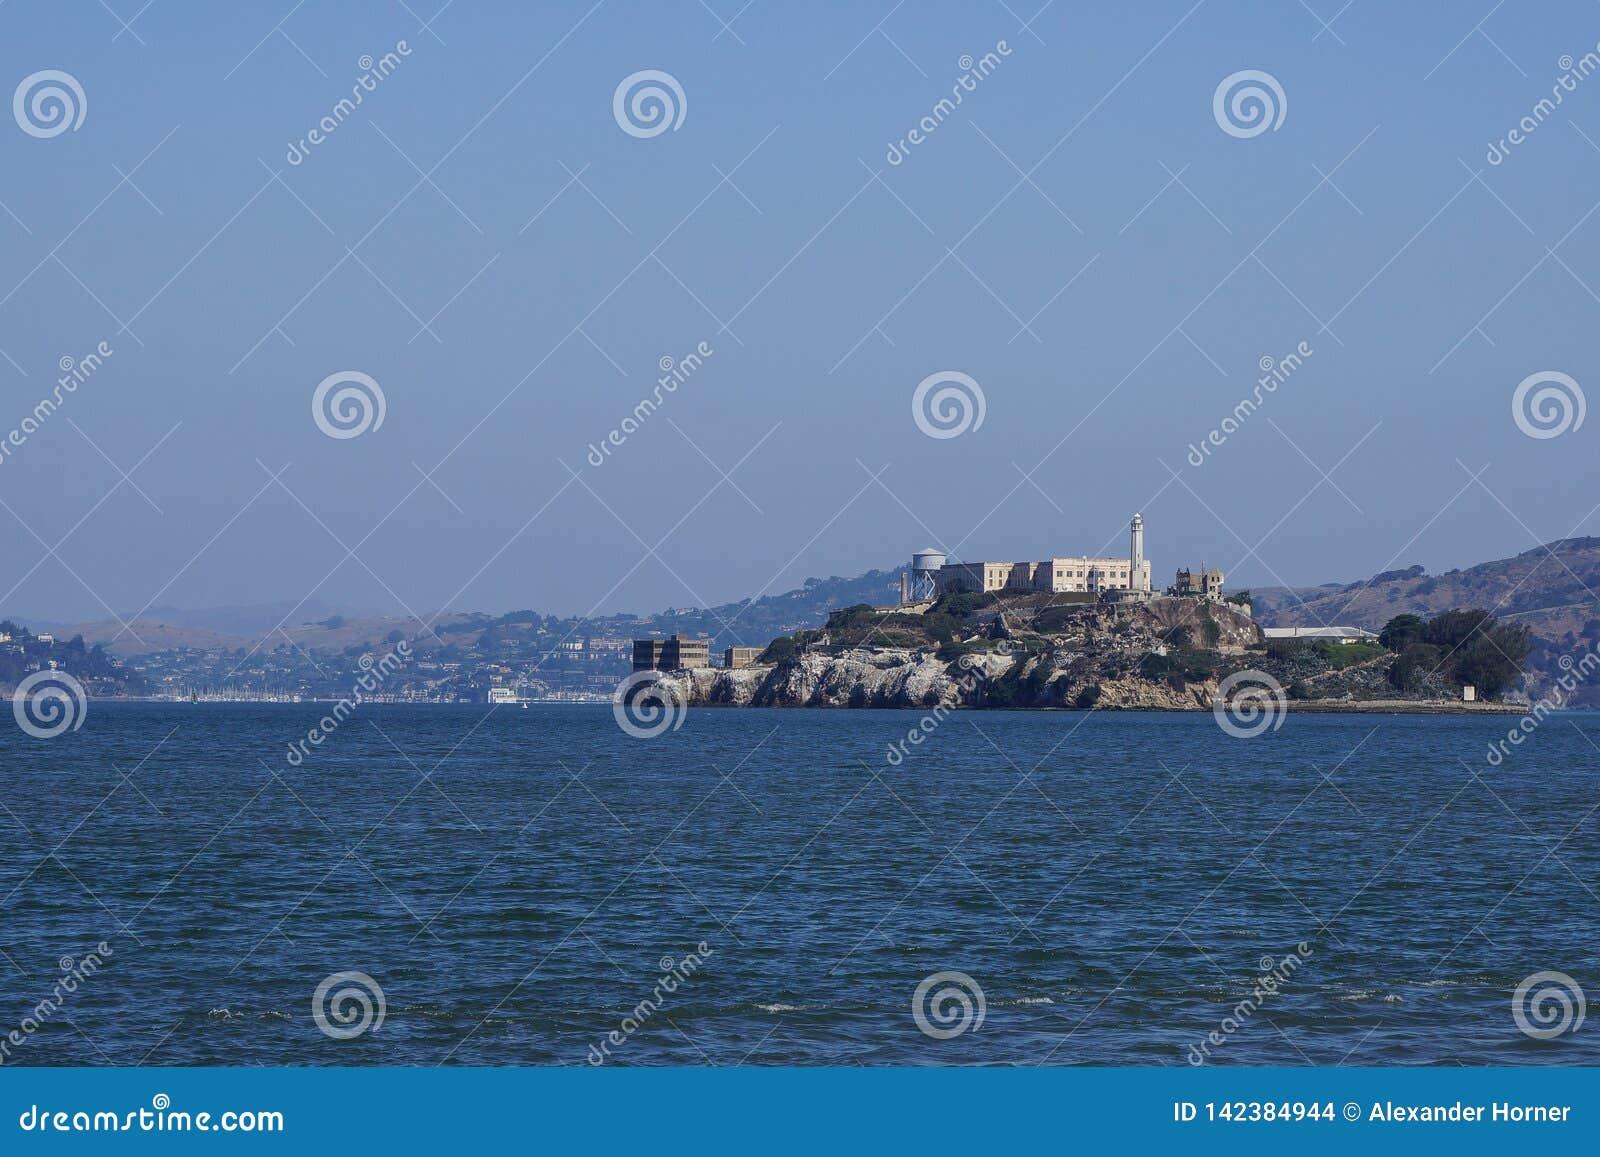 Berühmtes Gefängnisinsel alcatraz